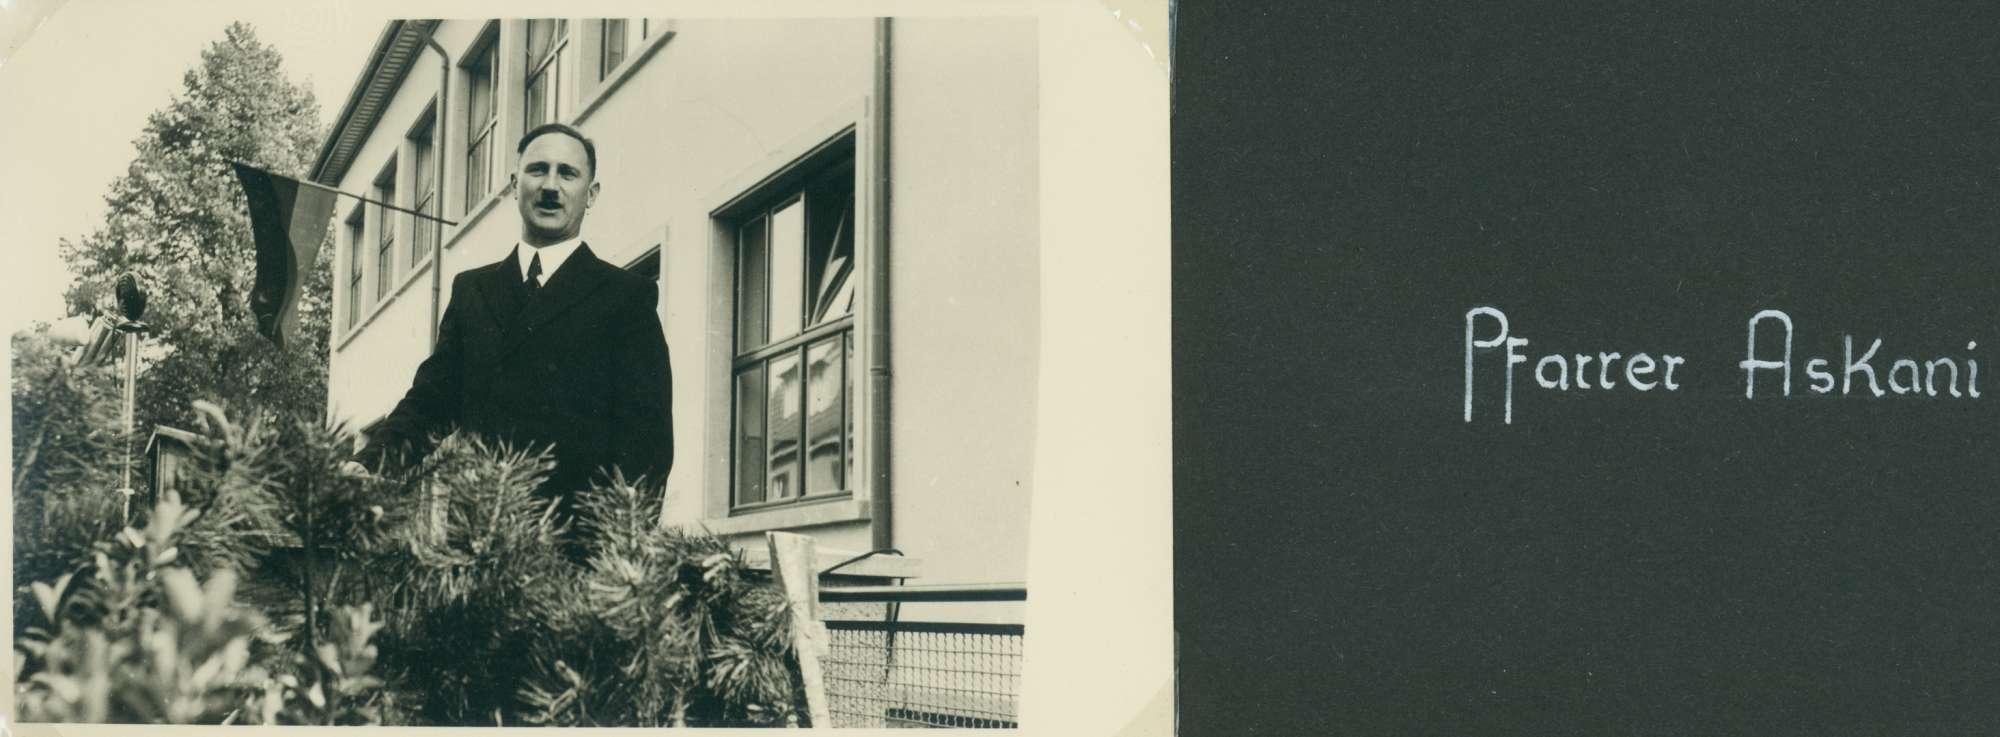 [Schulhausneubau in Brühl: Ansprache von] Pfarrer Beykirch, Bild 1